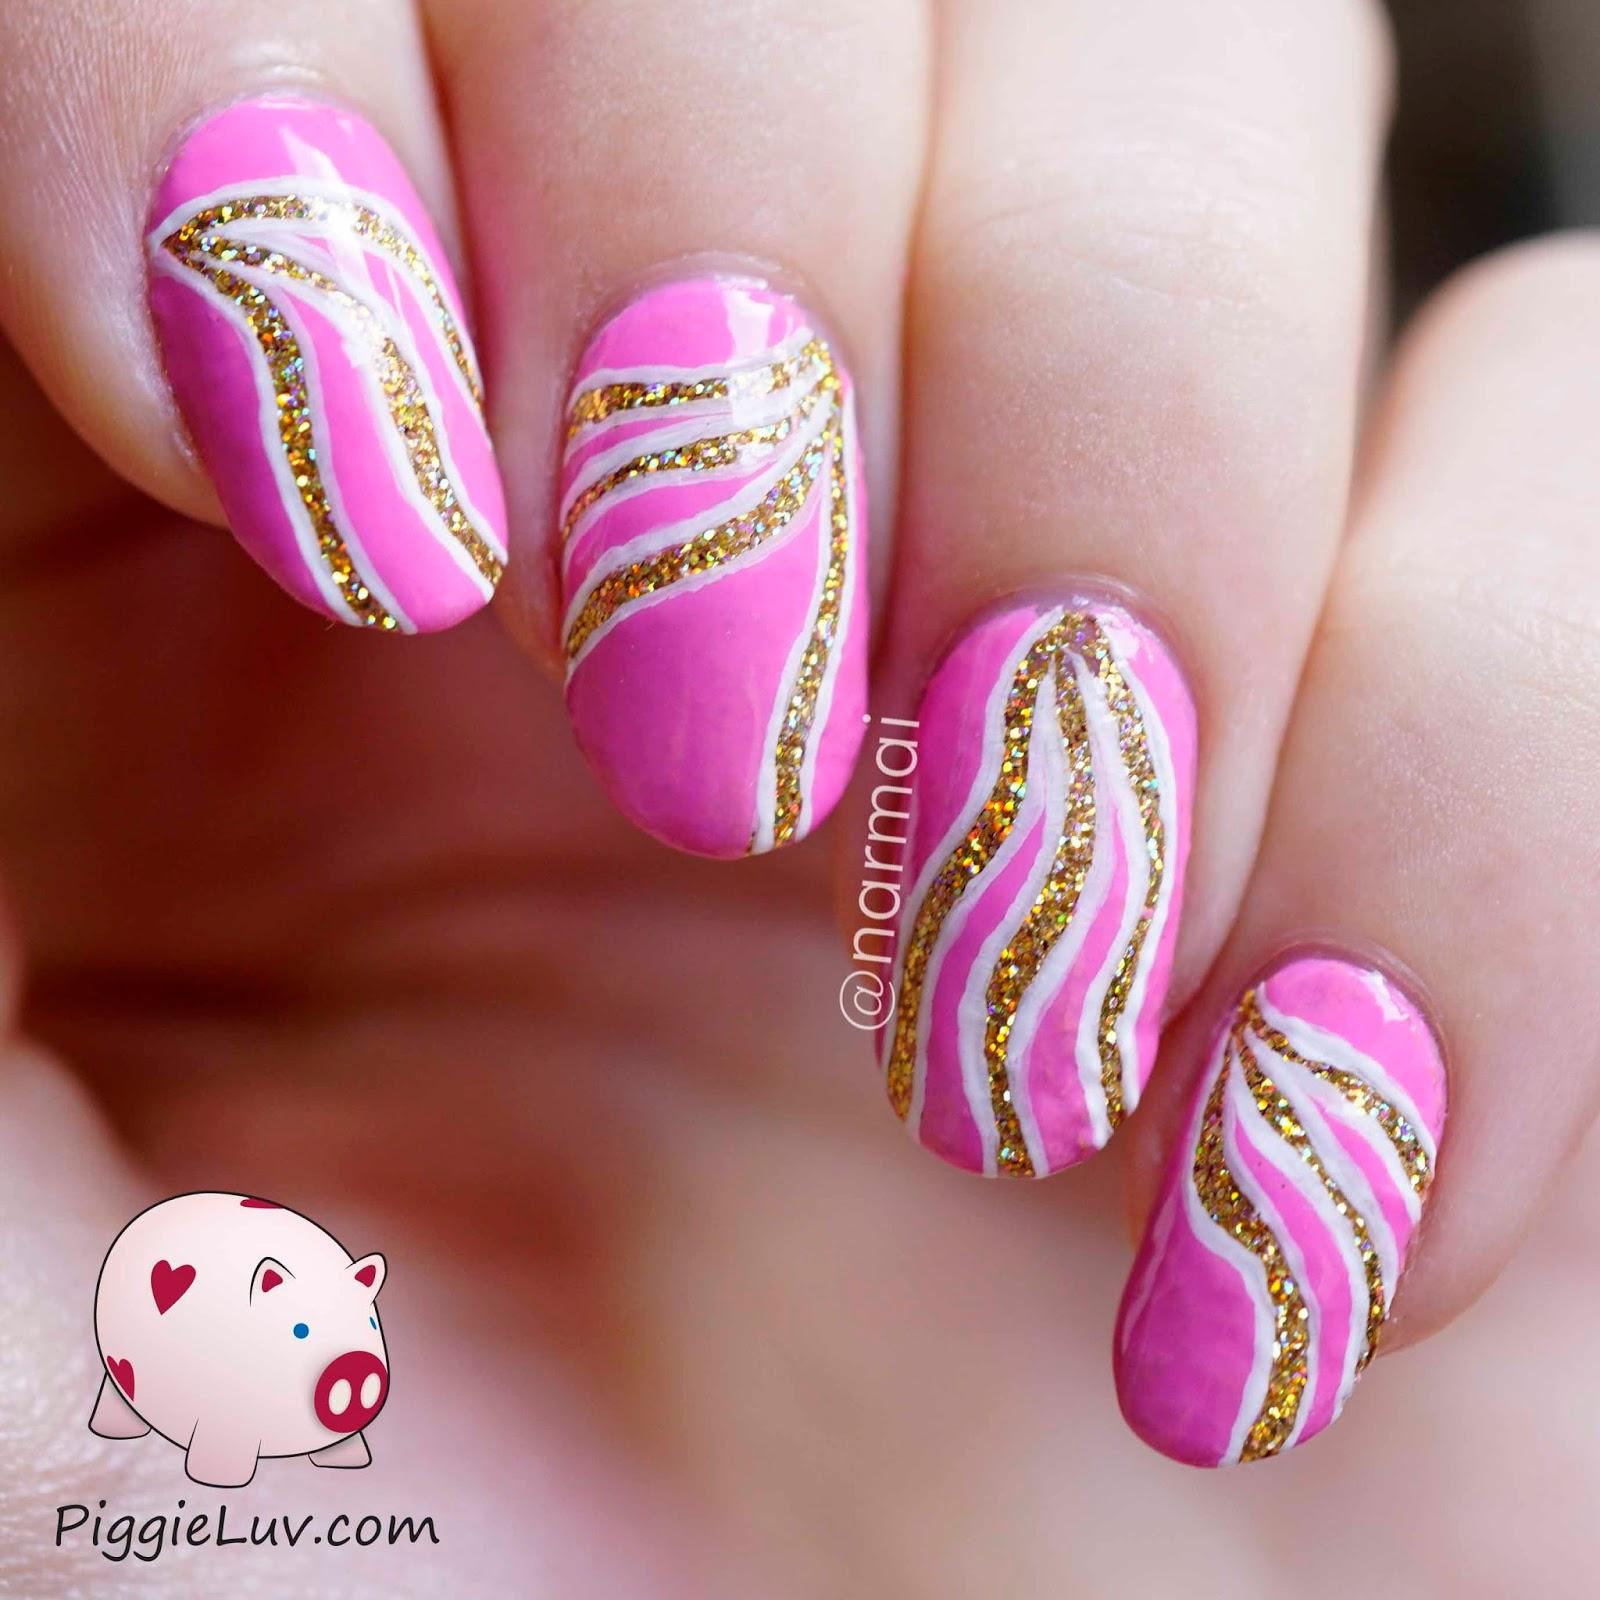 Piggieluv Gold Glitter Vibes Nail Art